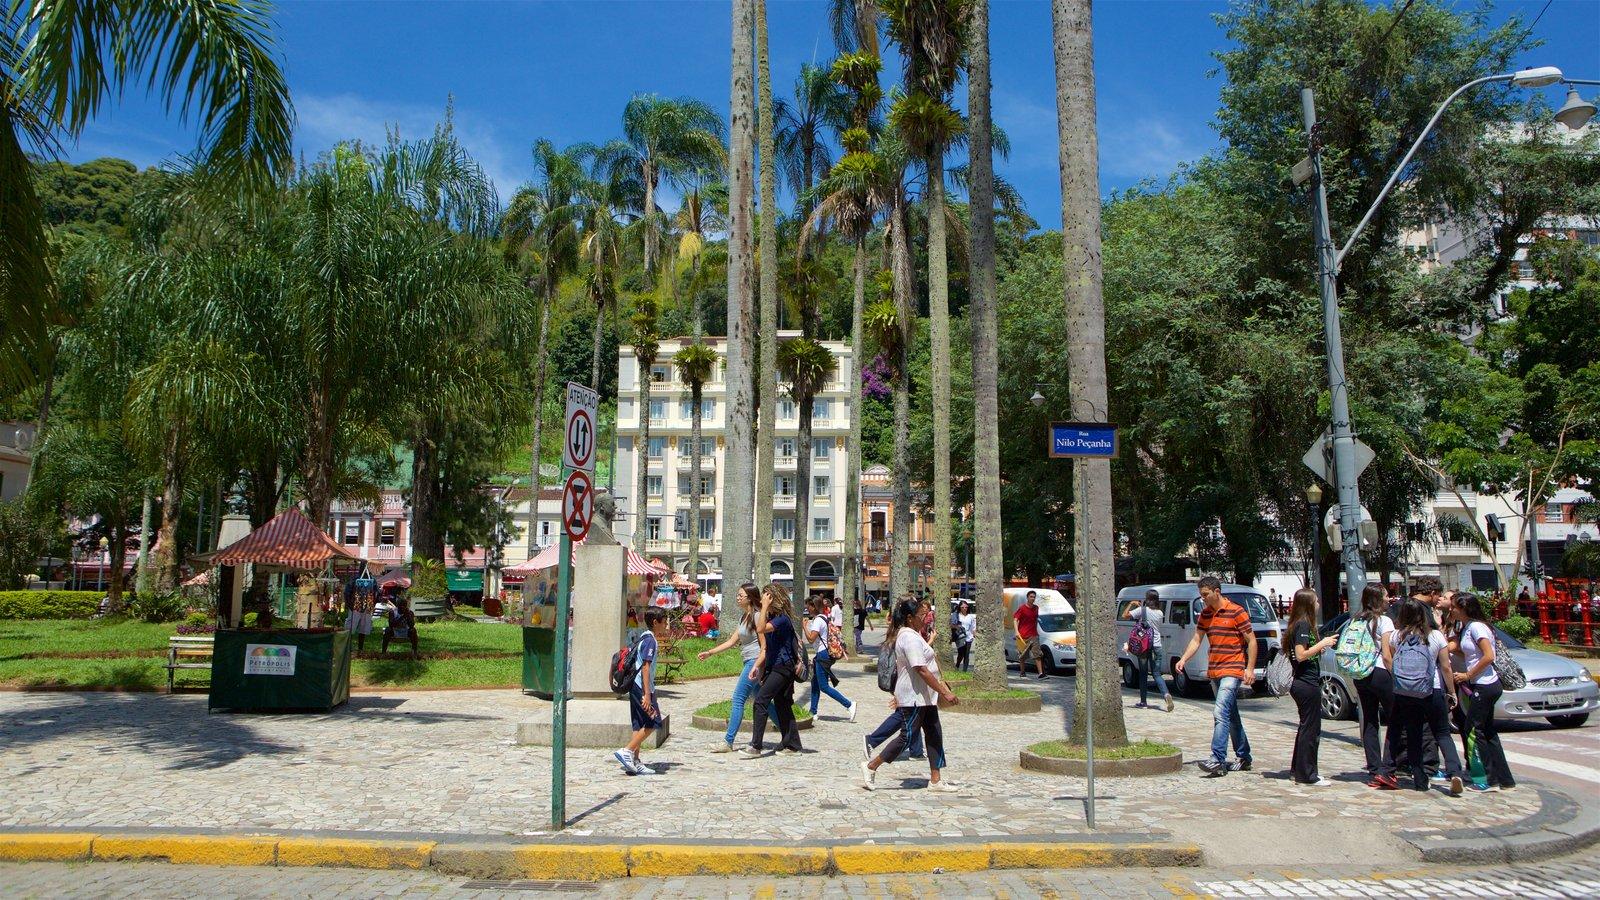 Petrópolis mostrando cenas de rua assim como um grande grupo de pessoas